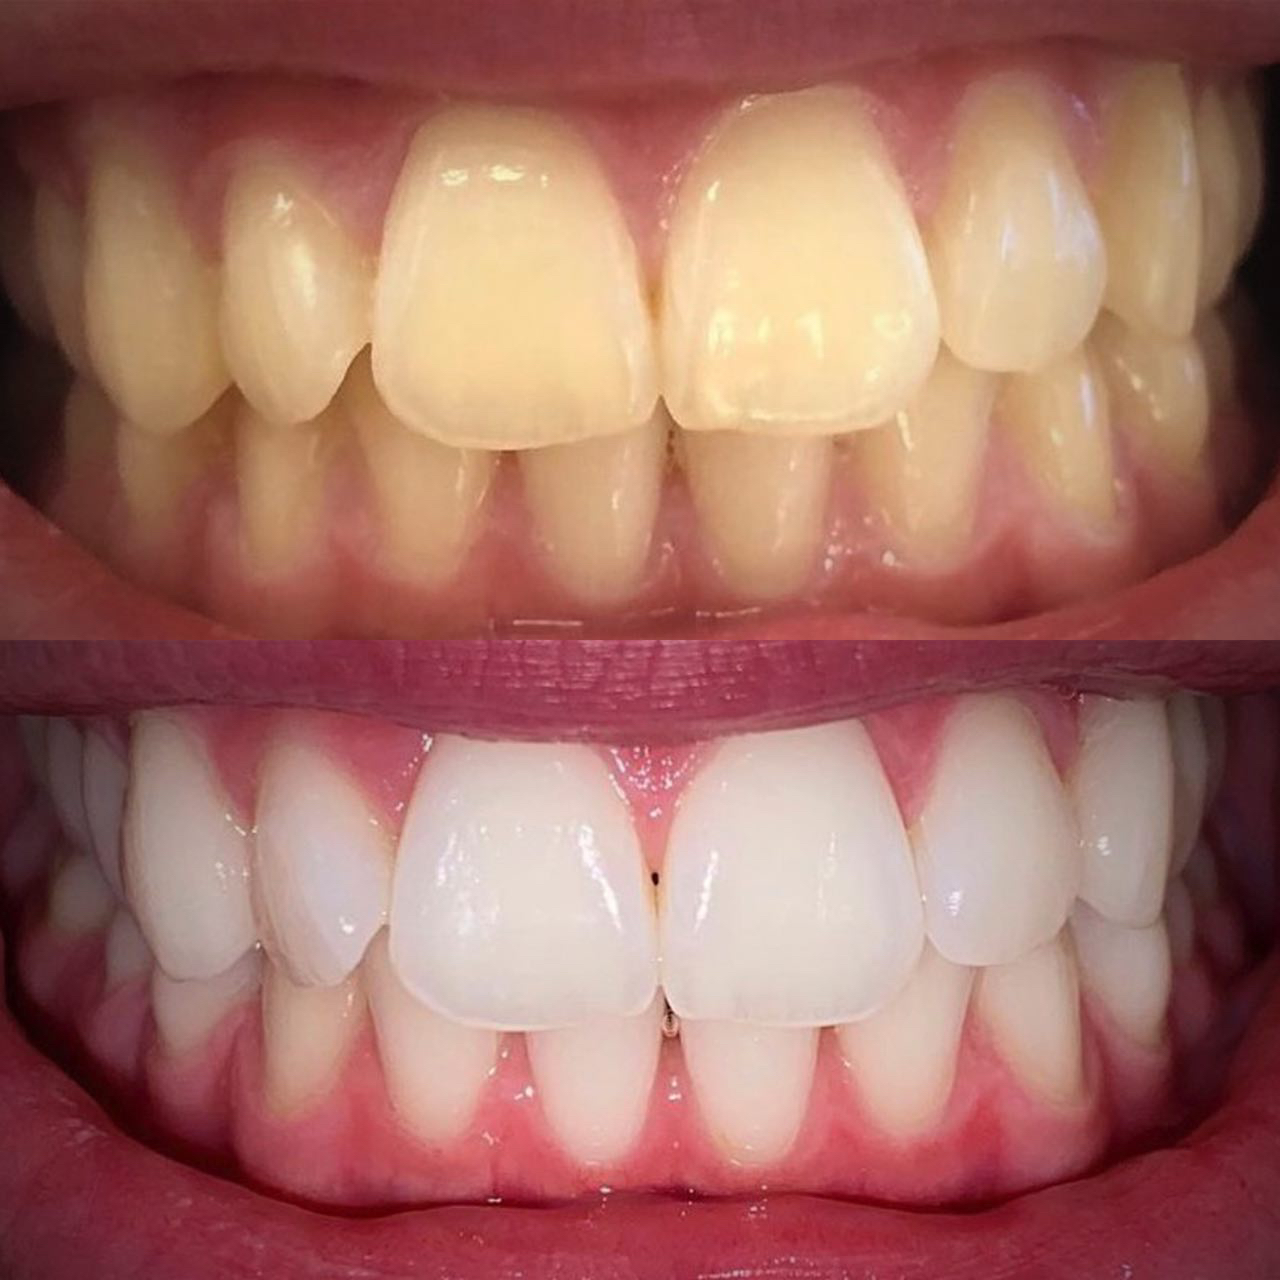 IMG 7ABFBE254A46 3 - Відбілювання зубів